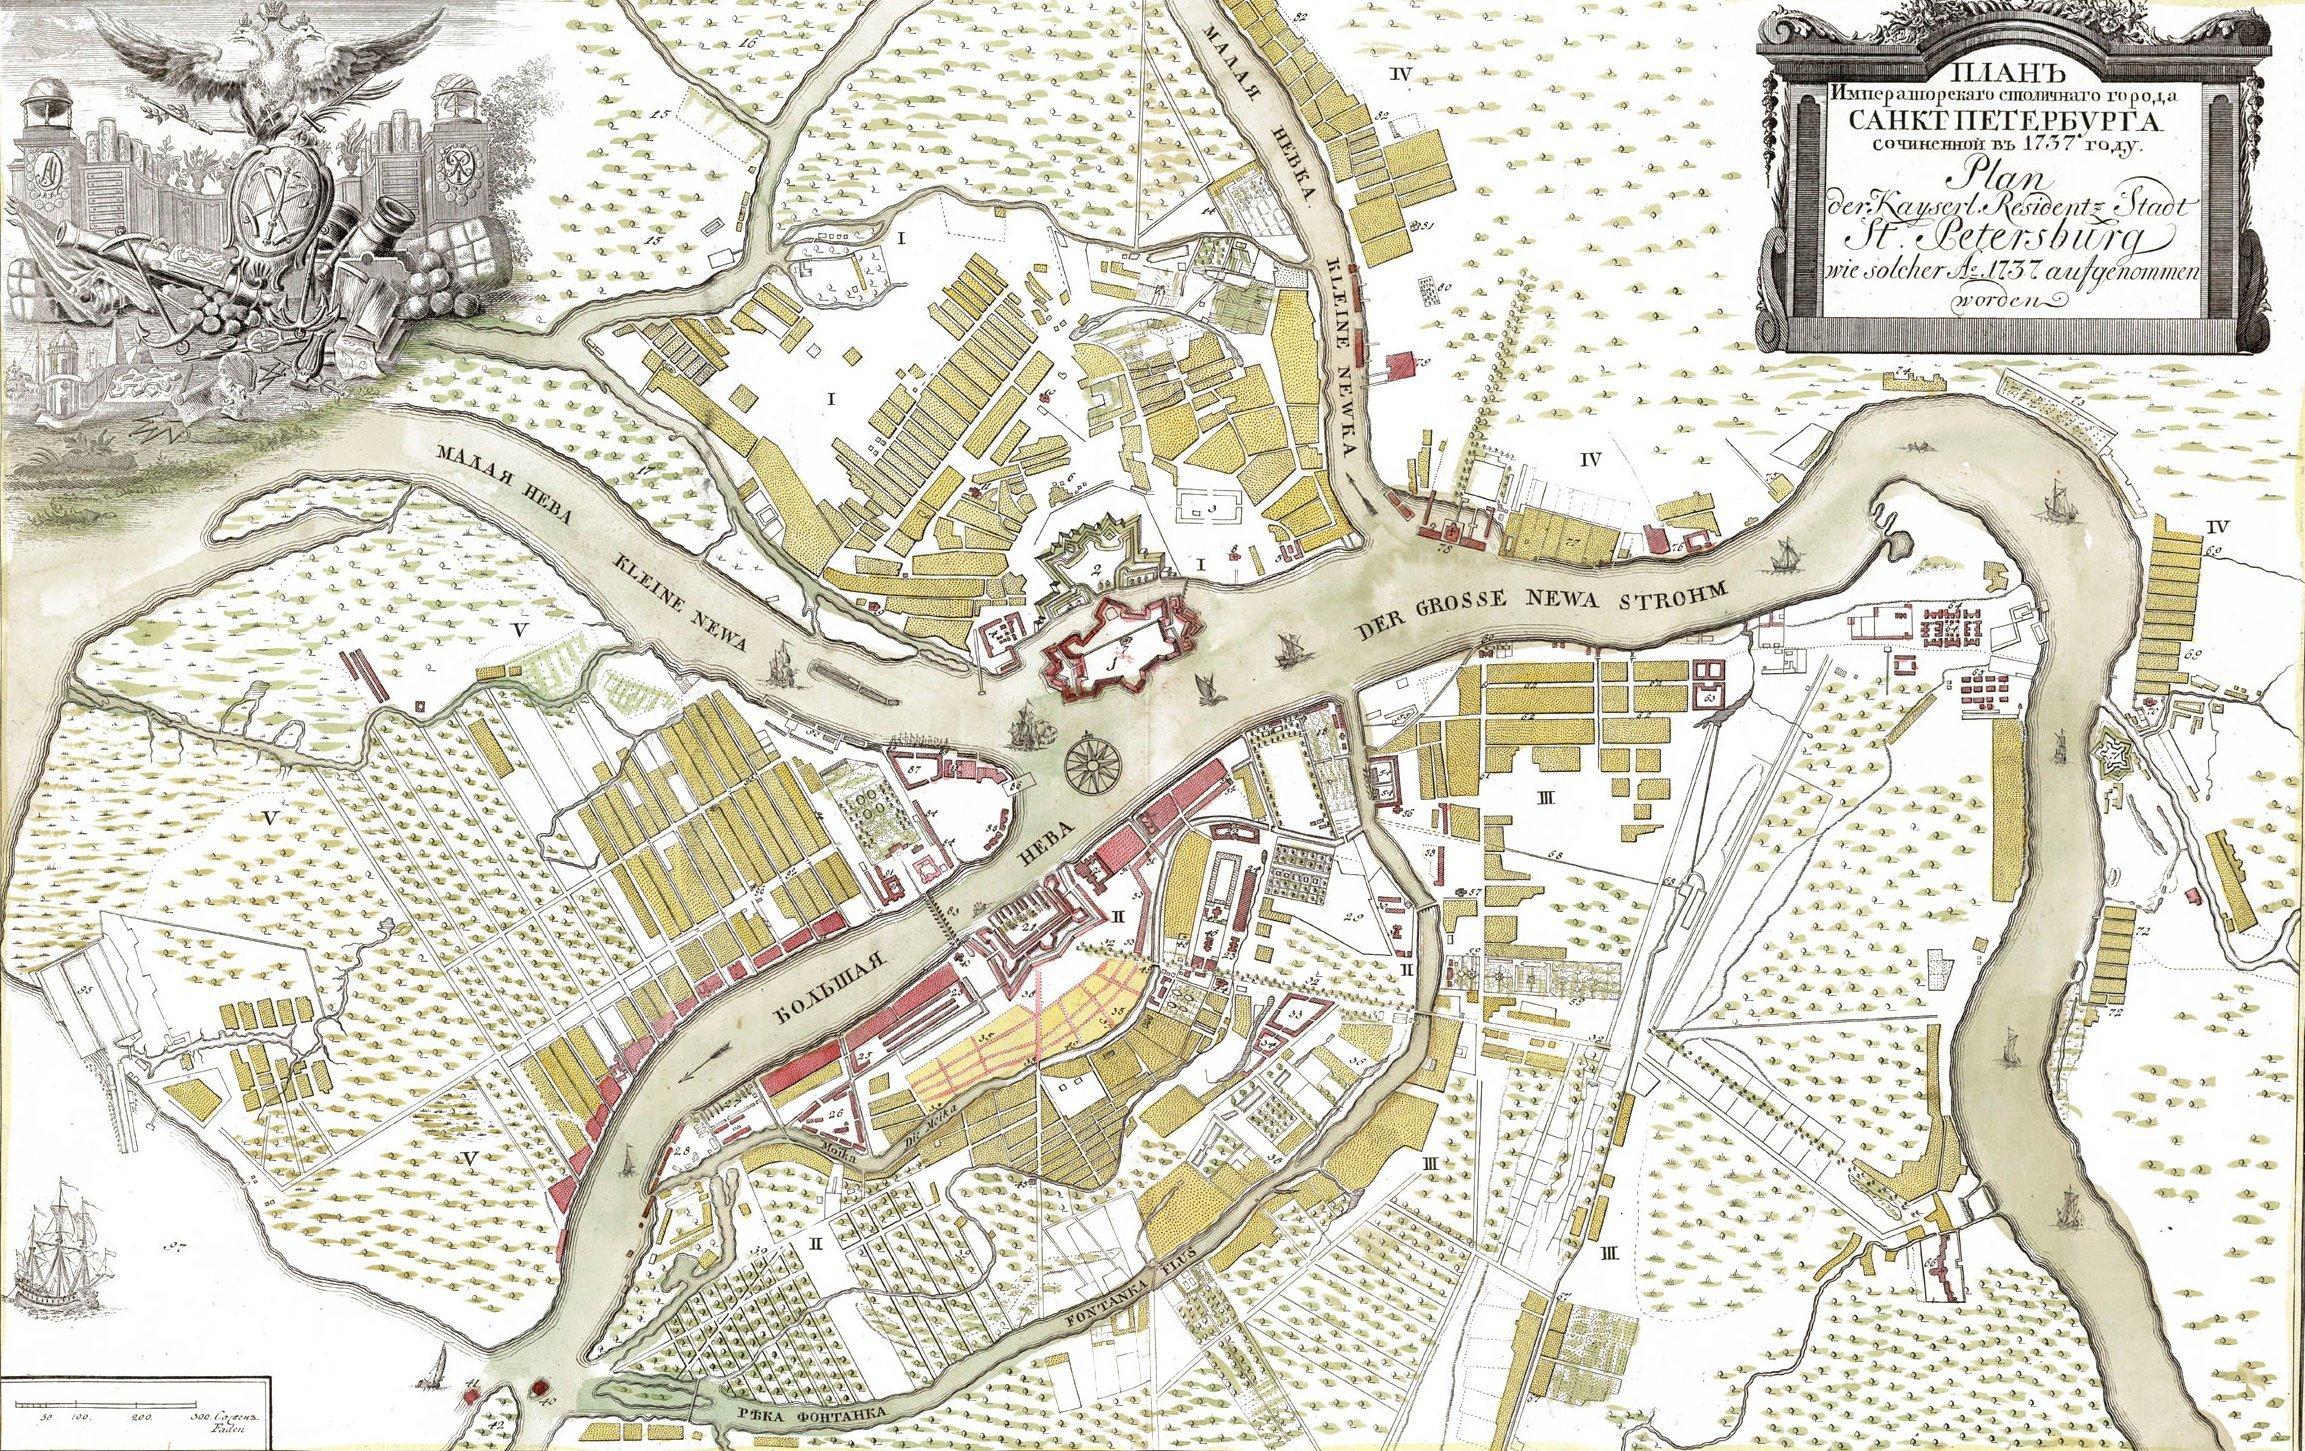 Карта Санкт-Петербурга 1737 г. СПб, древние карты, карты, карты Питера, редкие карты, санкт-петербург